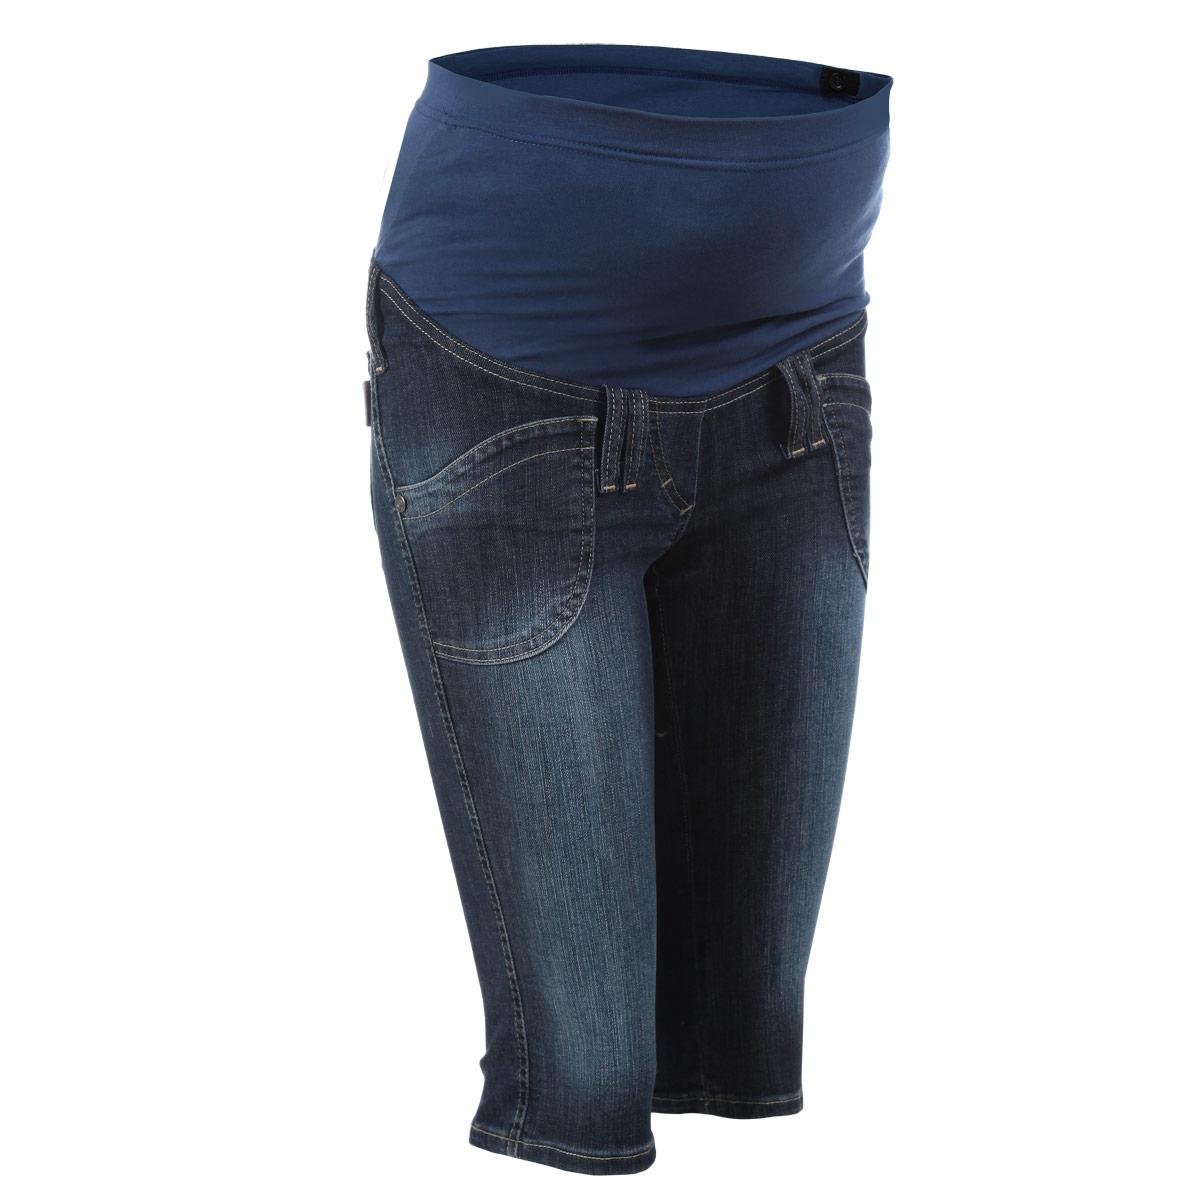 Бриджи для беременных Nuova Vita, цвет: темно-синий. 5315.1. Размер 425315.1Очень удобные джинсовые бриджи для беременных Nuova Vita с бандажом на живот, изготовленные из высококачественного материала, придают элегантность и индивидуальность. Бриджи прямого покроя имеют четырехкарманный крой: спереди - два накладных кармана и сзади - два накладных кармана. Имеются шлевки для ремня и имитация ширинки. Бандаж из стрейч-ткани поддерживает живот и уменьшает нагрузку на поясницу, с внутренней стороны регулируется эластичной резинкой на пуговице. В прохладную погоду бриджи прекрасно сочетаются со свитерами и кардиганами, длинными блузками или джемперами.Эта модель придется по душе даже самой капризной женщине.